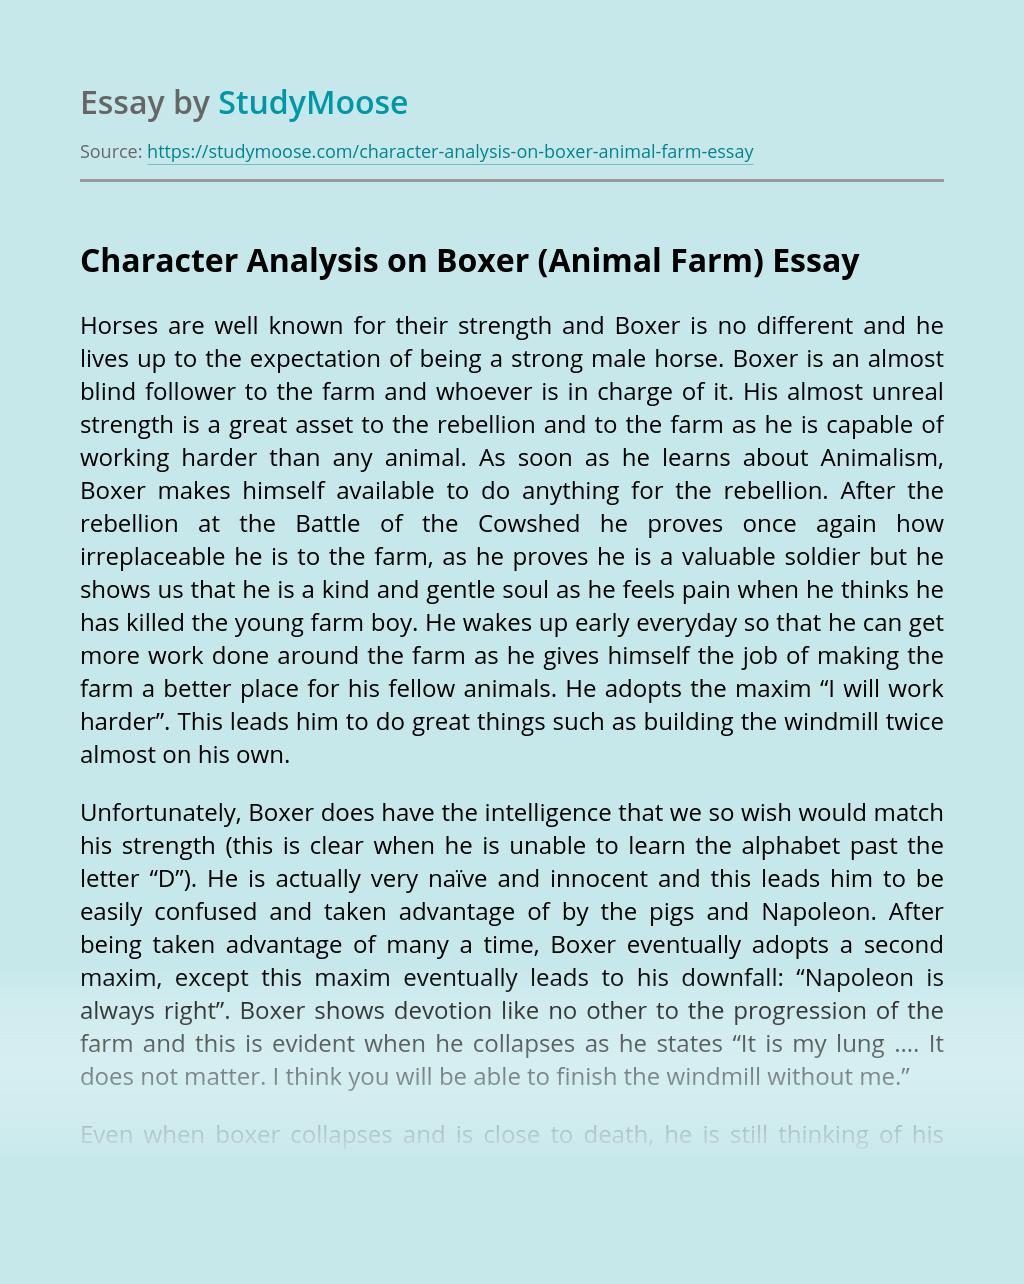 Character Analysis on Boxer (Animal Farm)